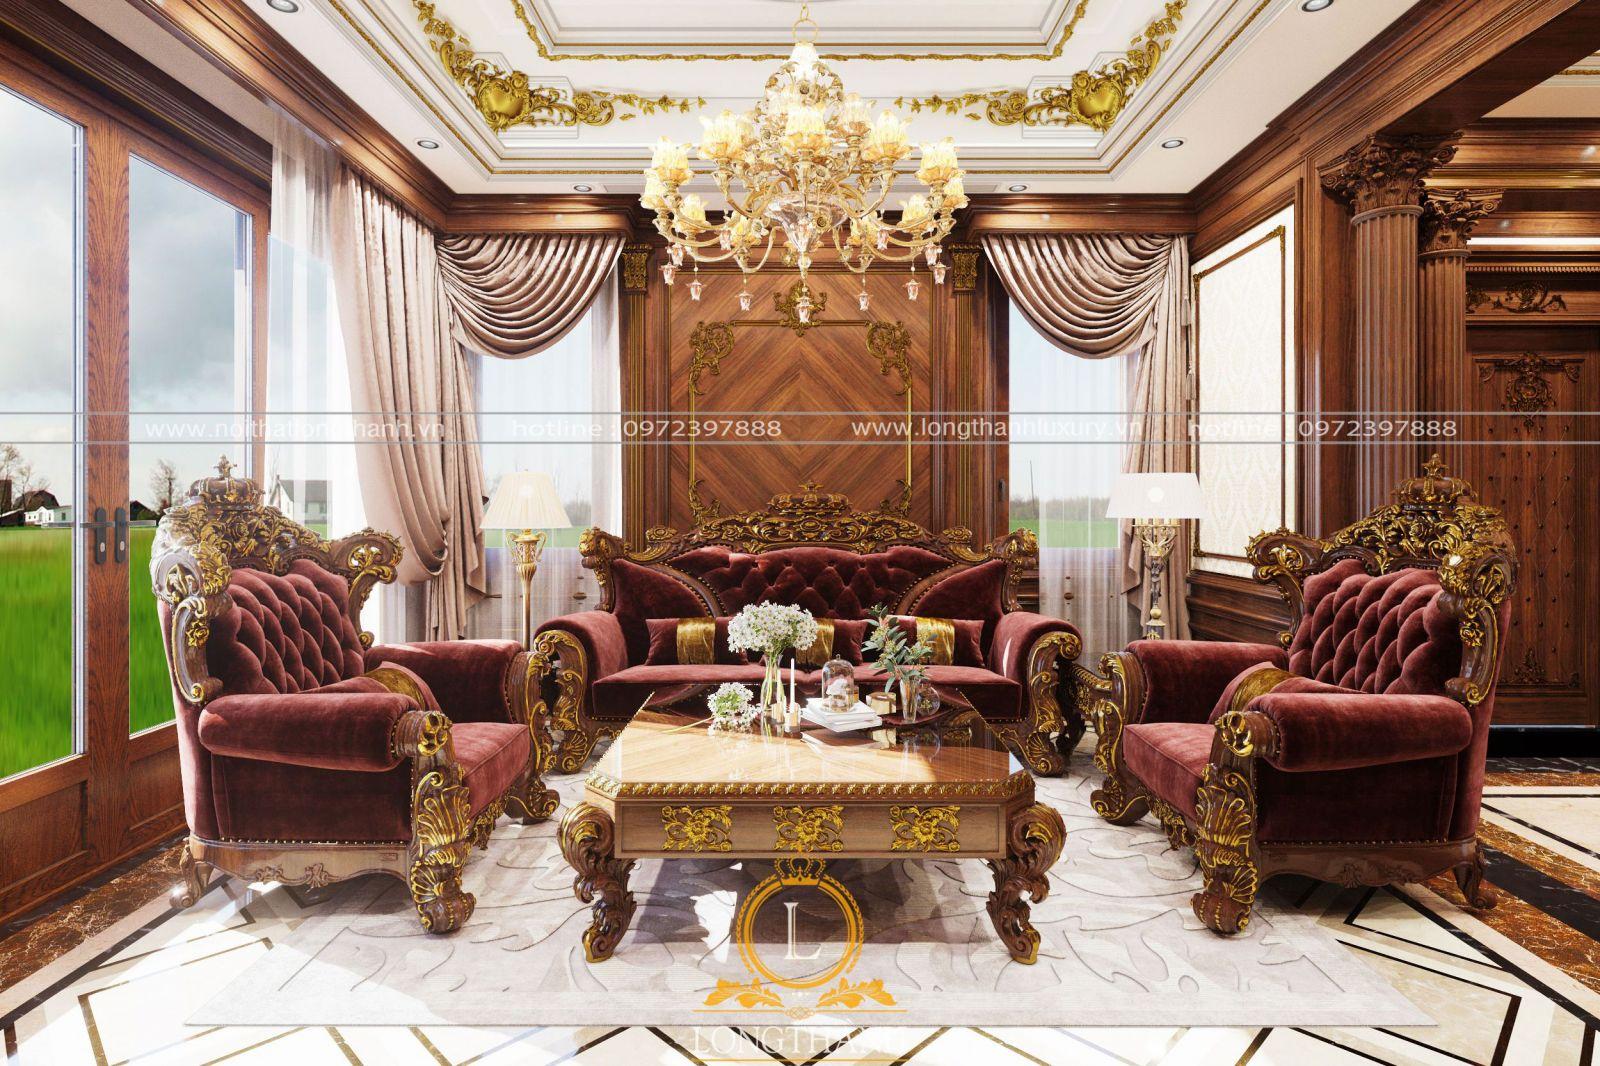 Sofa nhung được bọc bên ngoài là một lớp vải nhung với nhiều màu sắc